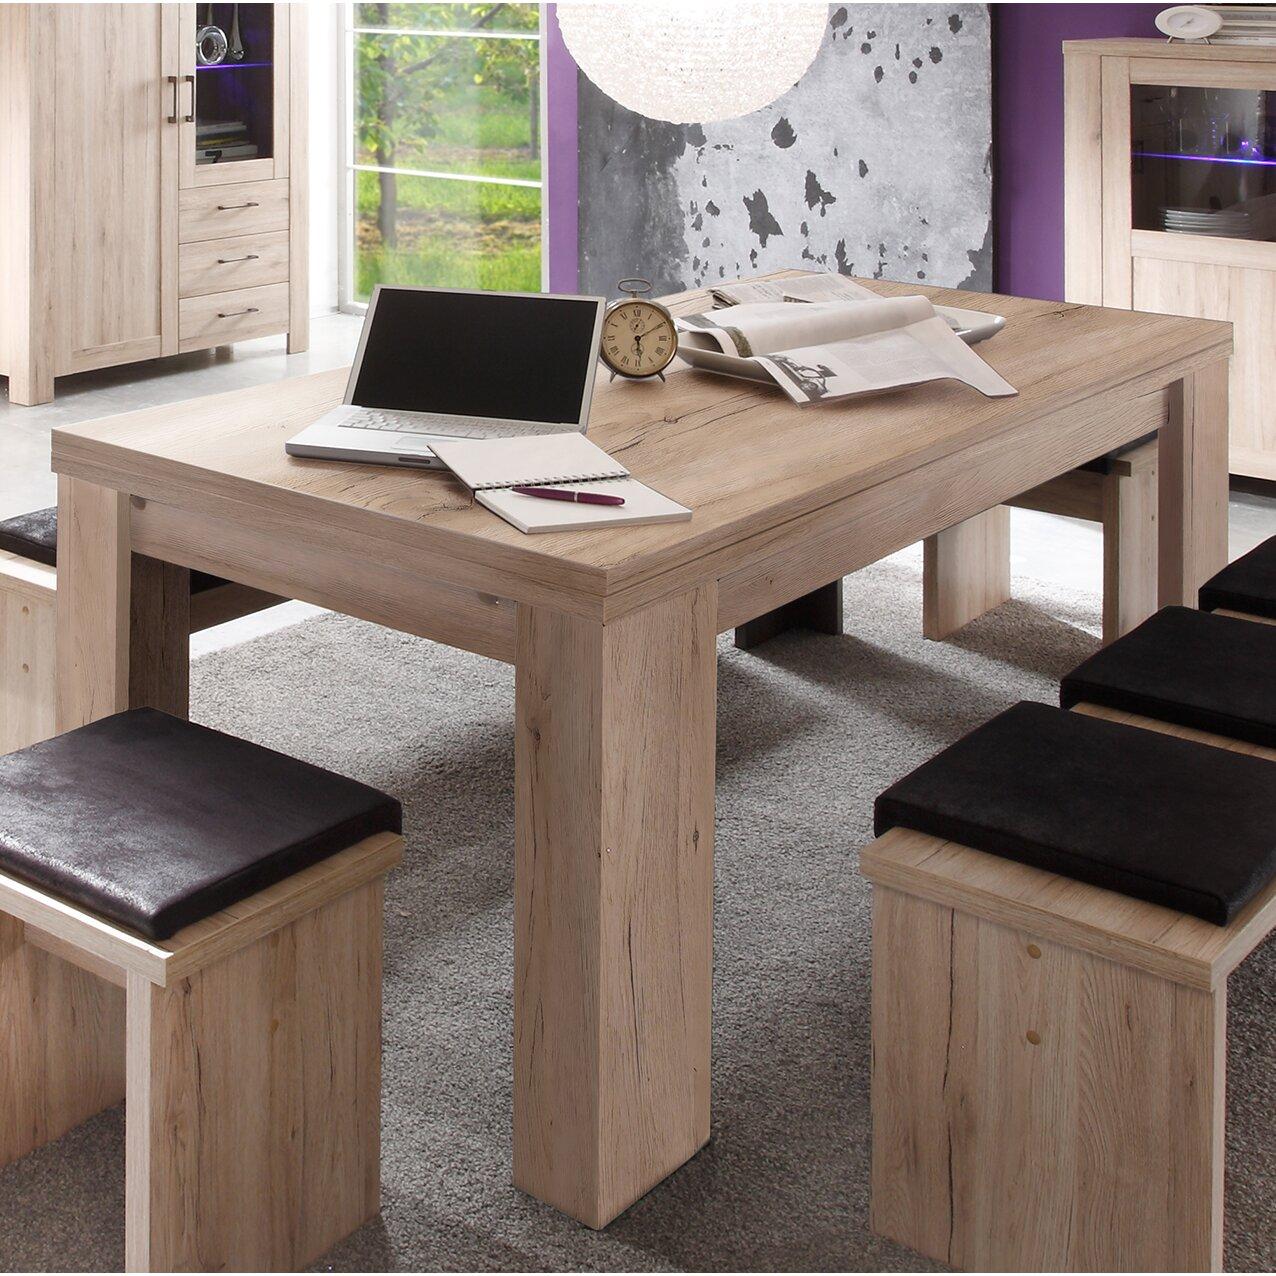 homestead living ausziehbarer esstisch zickzack. Black Bedroom Furniture Sets. Home Design Ideas